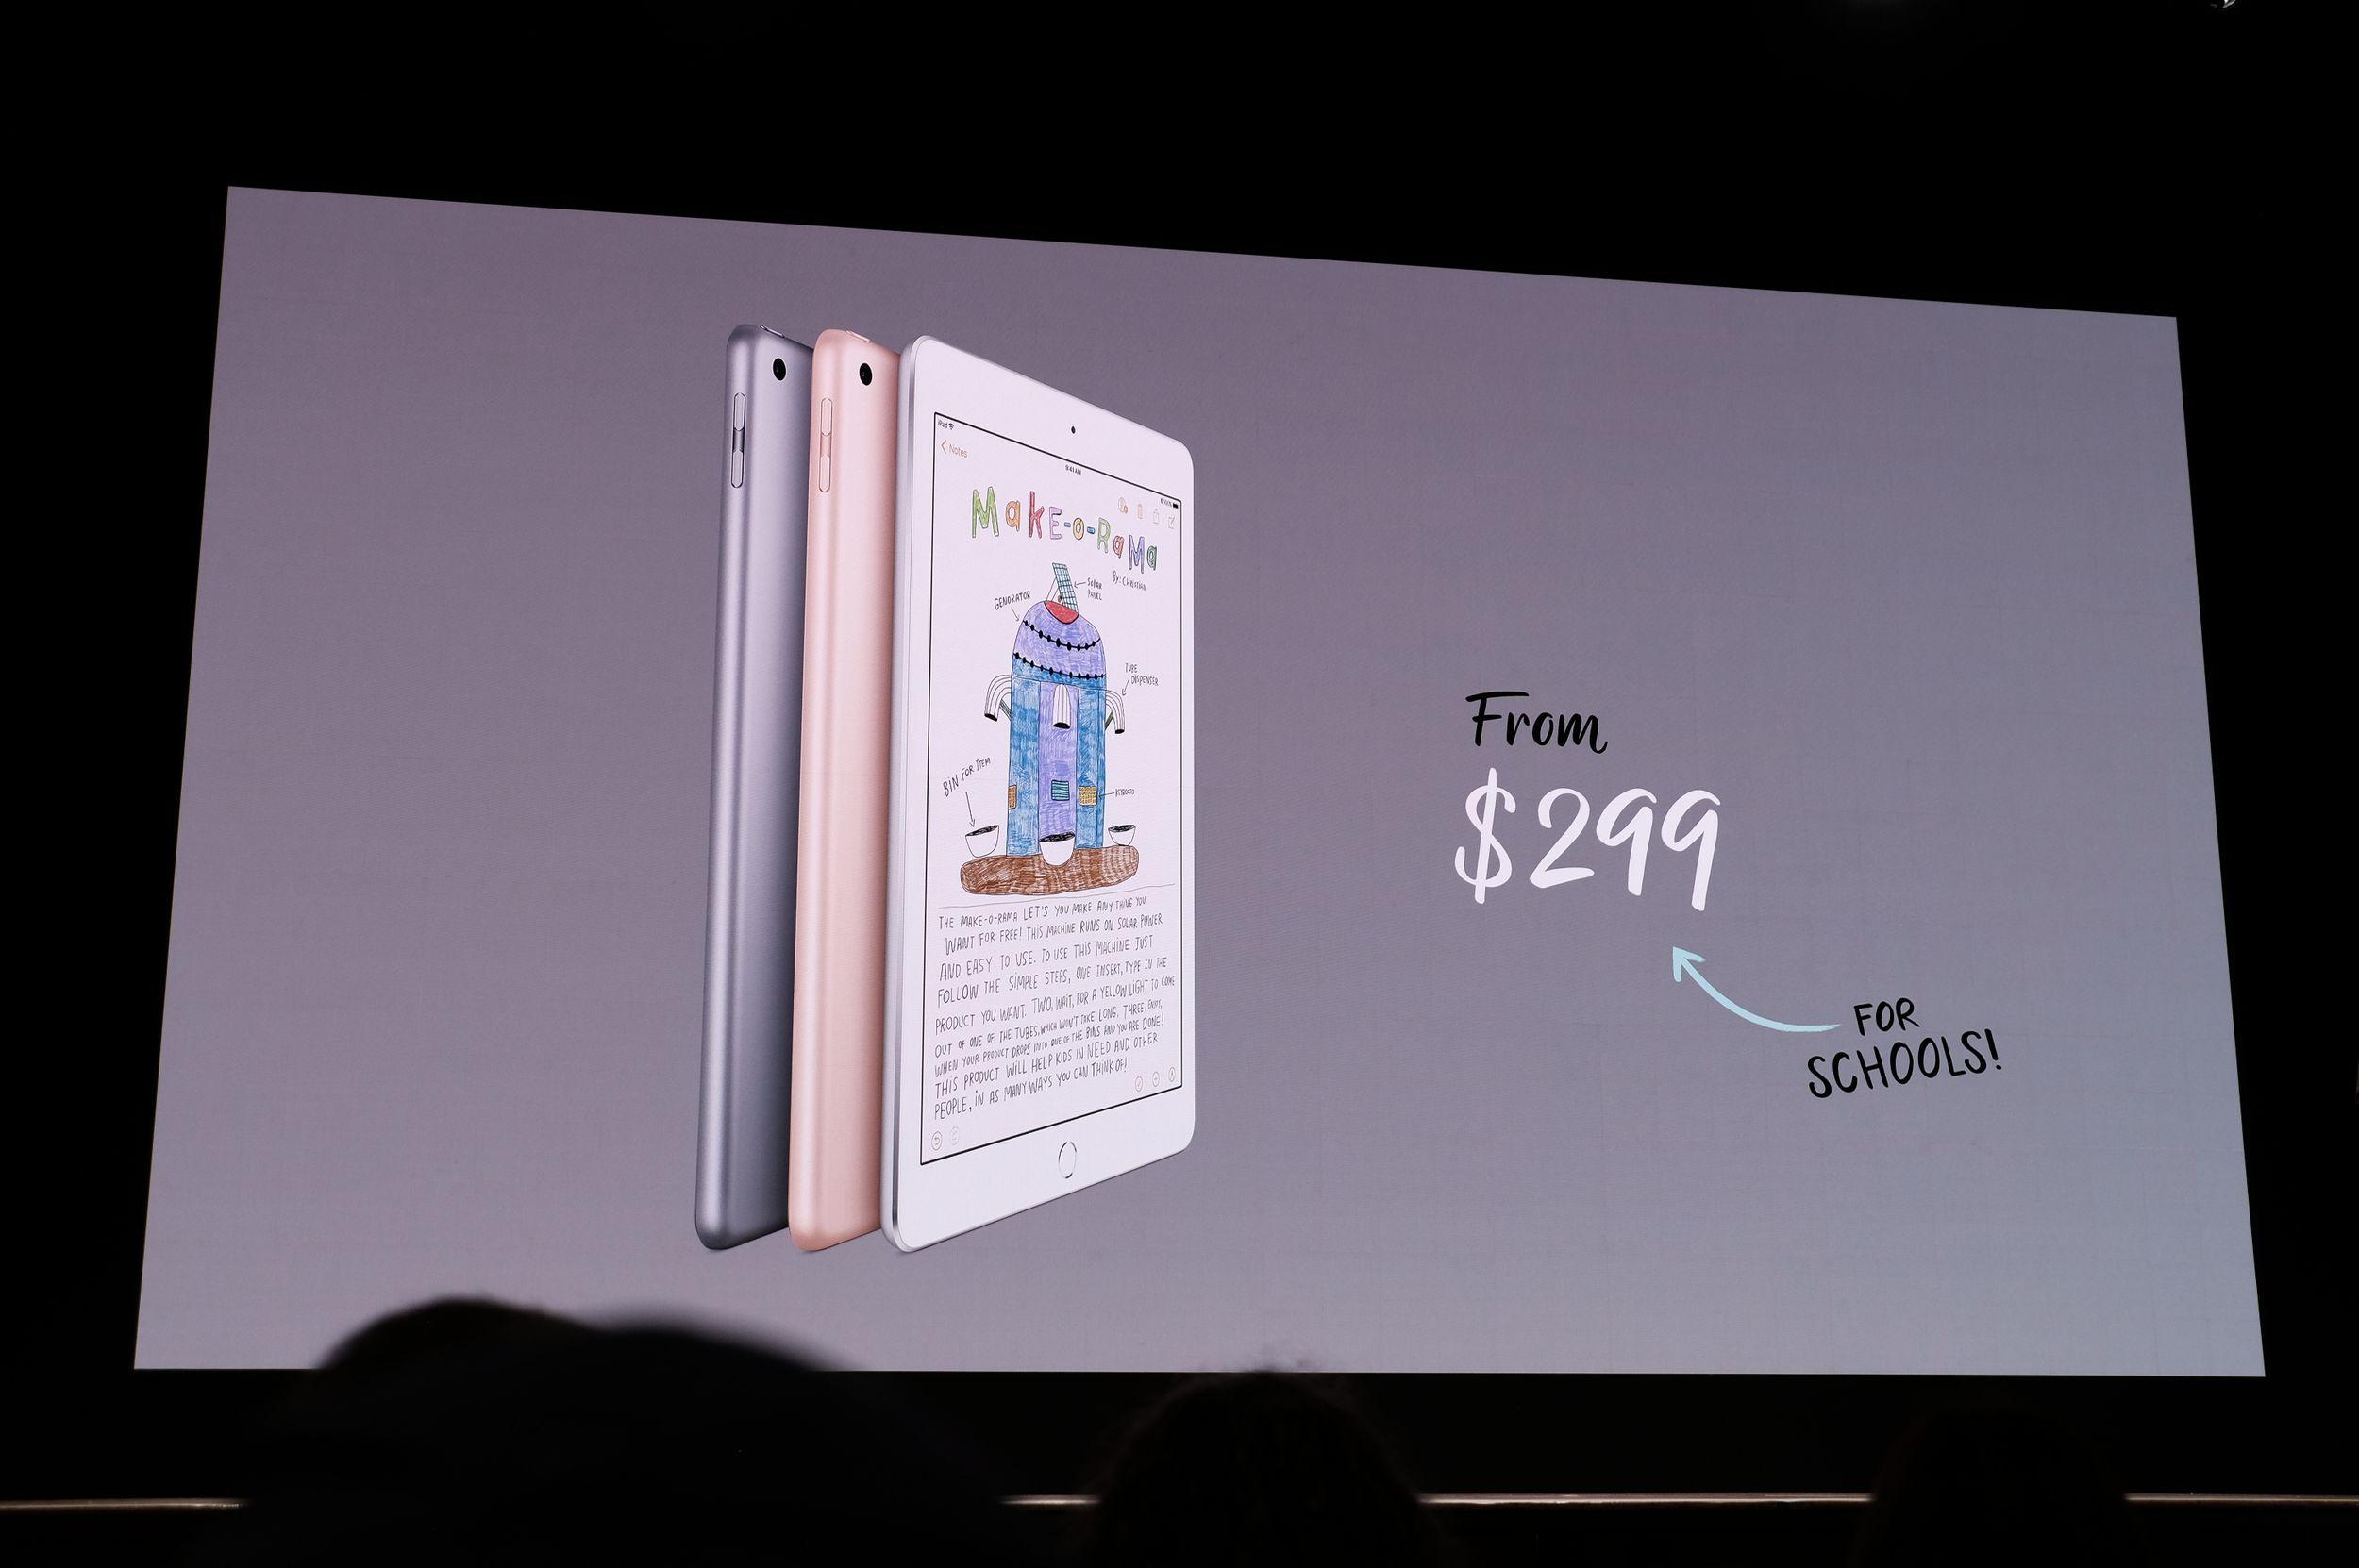 Evento Apple para educación, en directo y con el nuevo iPad 45